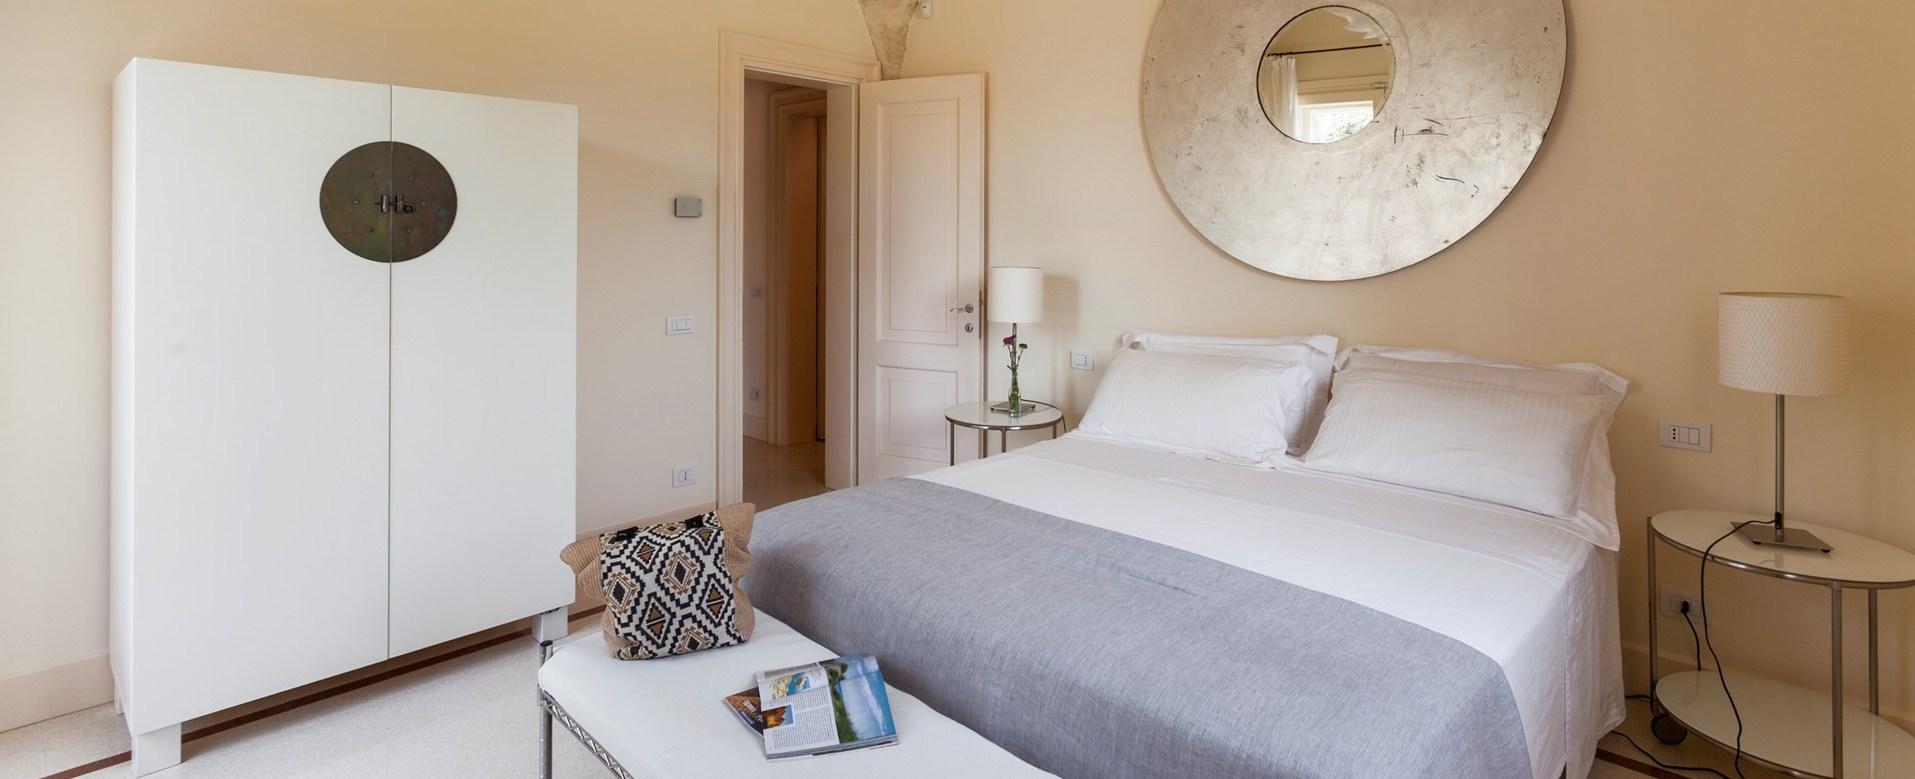 tre-ulivi-double-bedroom-4